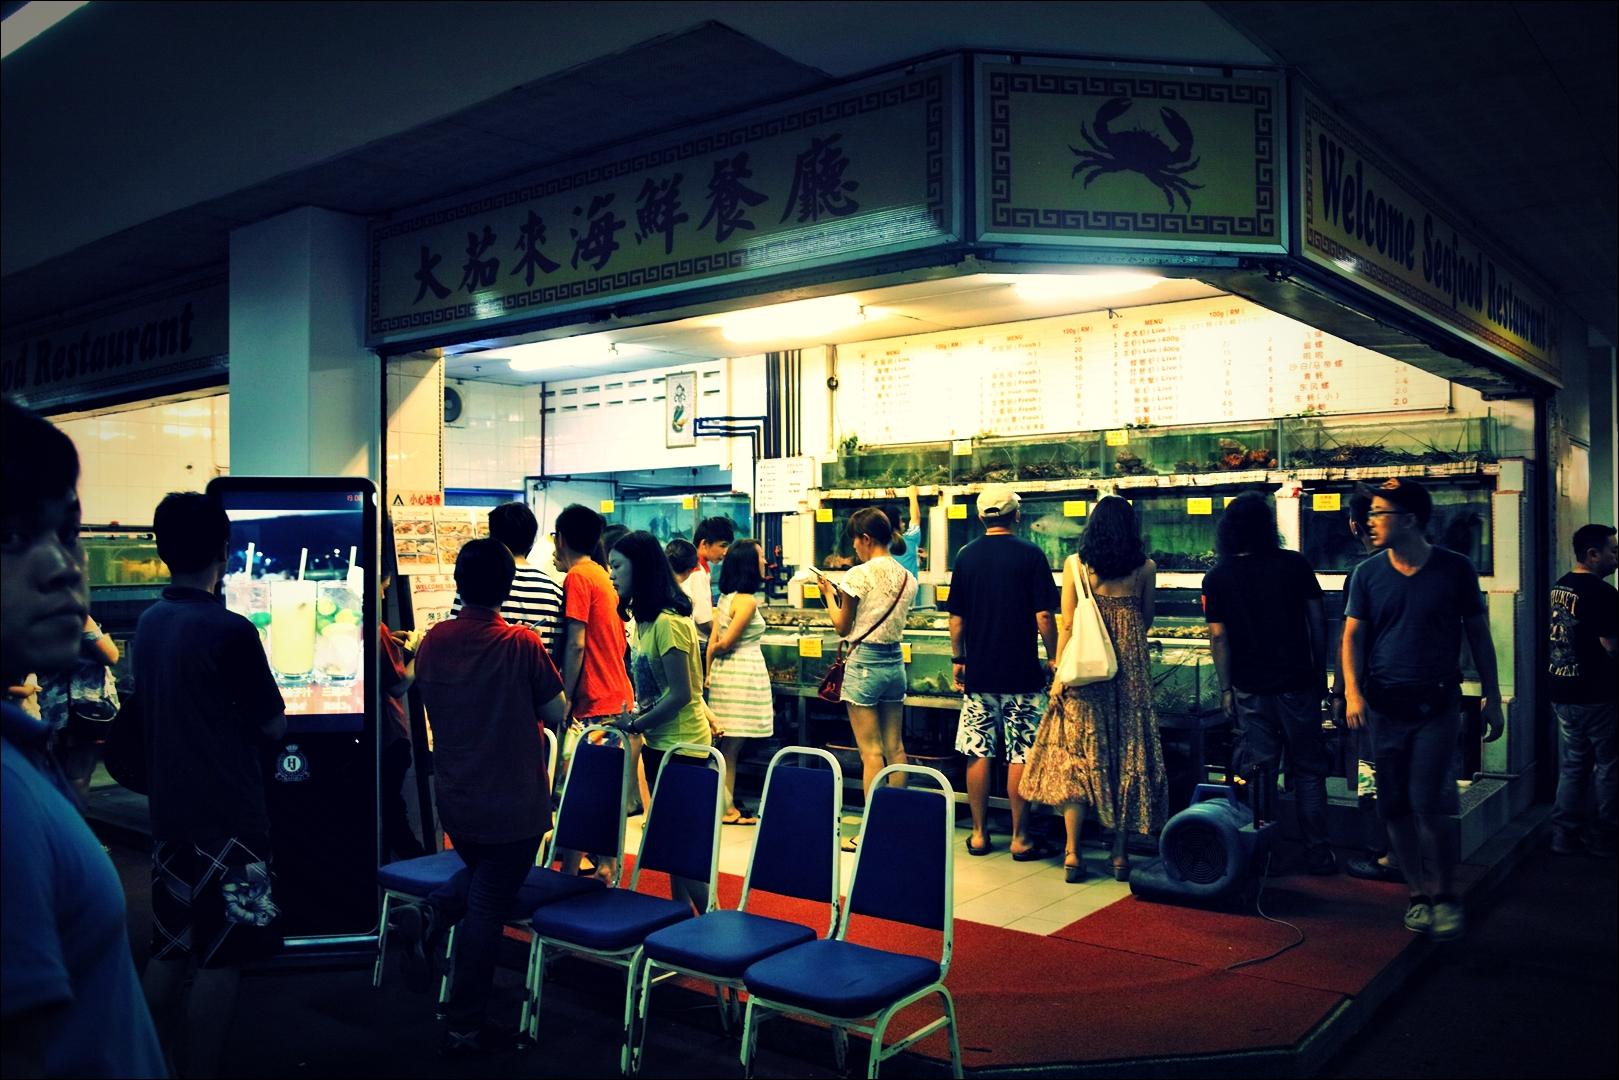 주문은 여기서-'코타키나발루 웰컴 시푸드 레스토랑 Welcome Seafood Restaurant Kota Kinabalu'